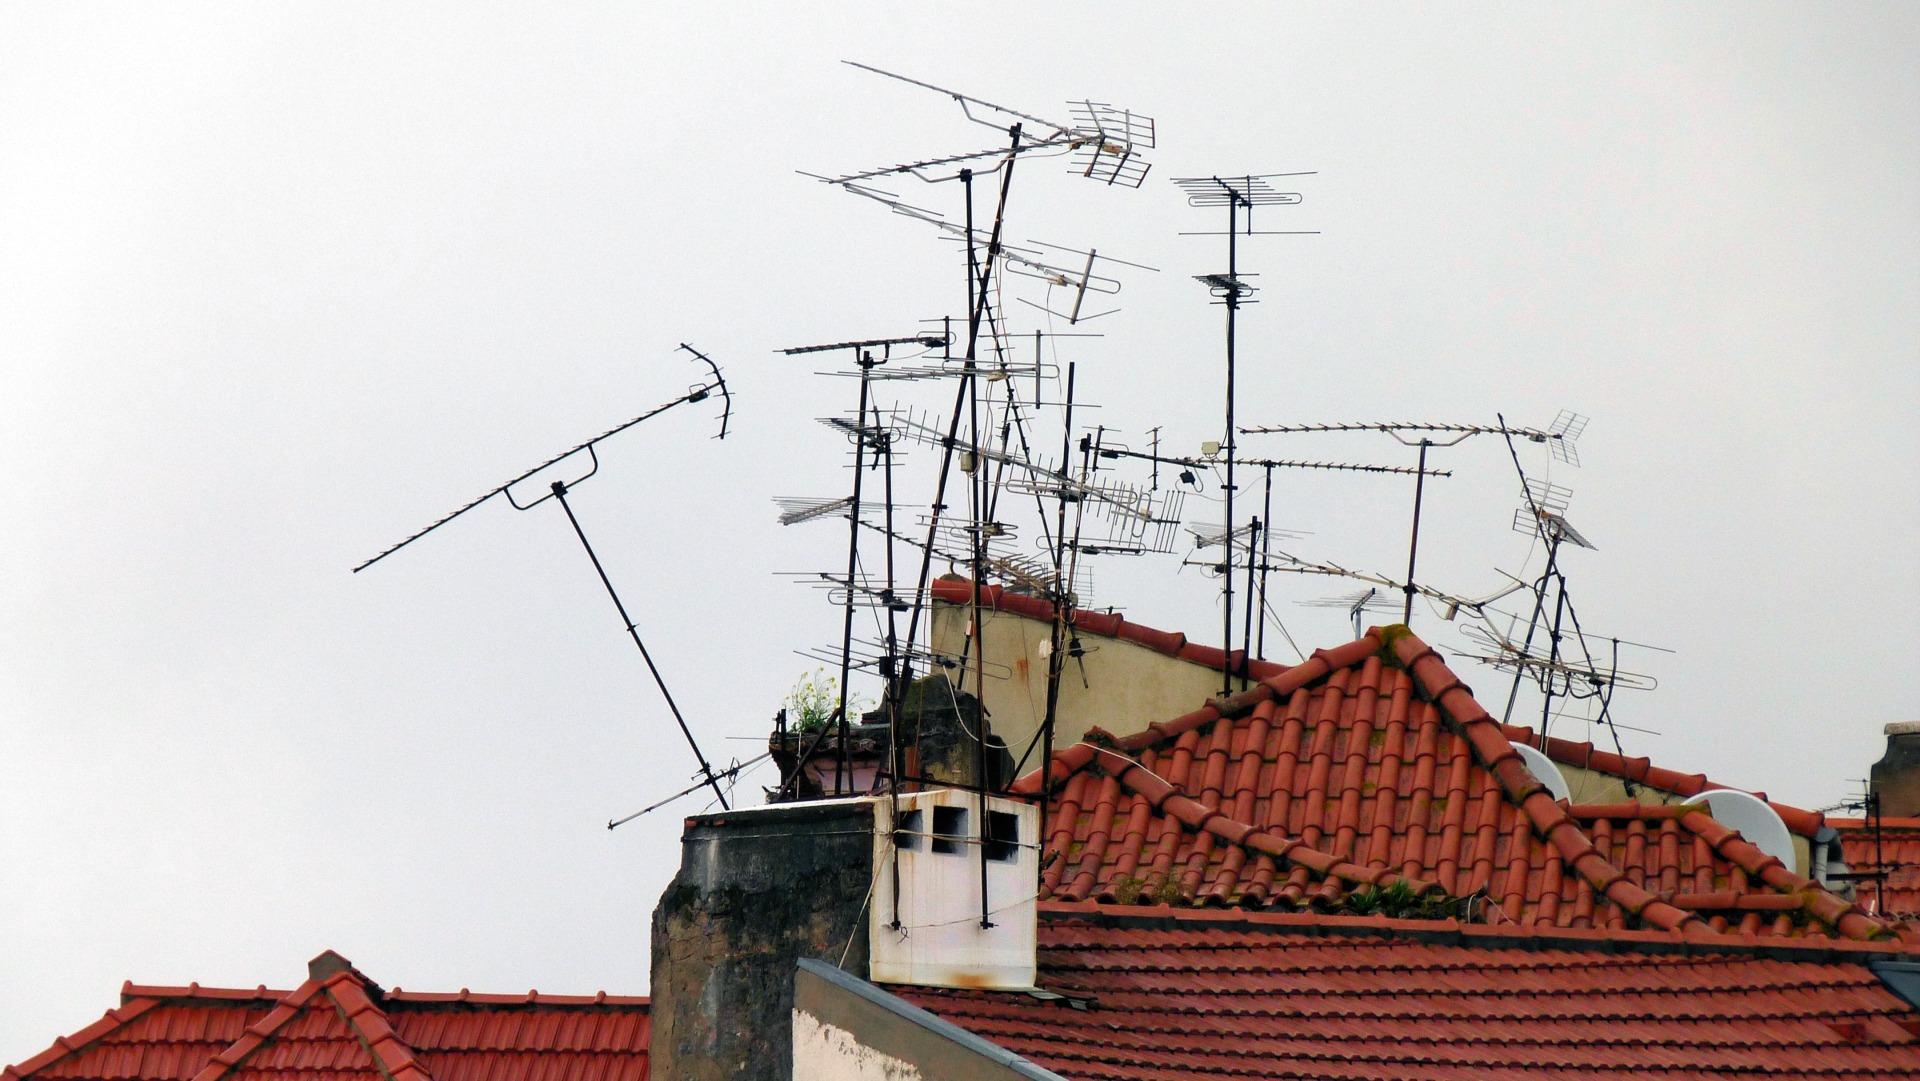 Как правильно и профессионально установить антенну на даче, чтобы все получилось с первого раза.